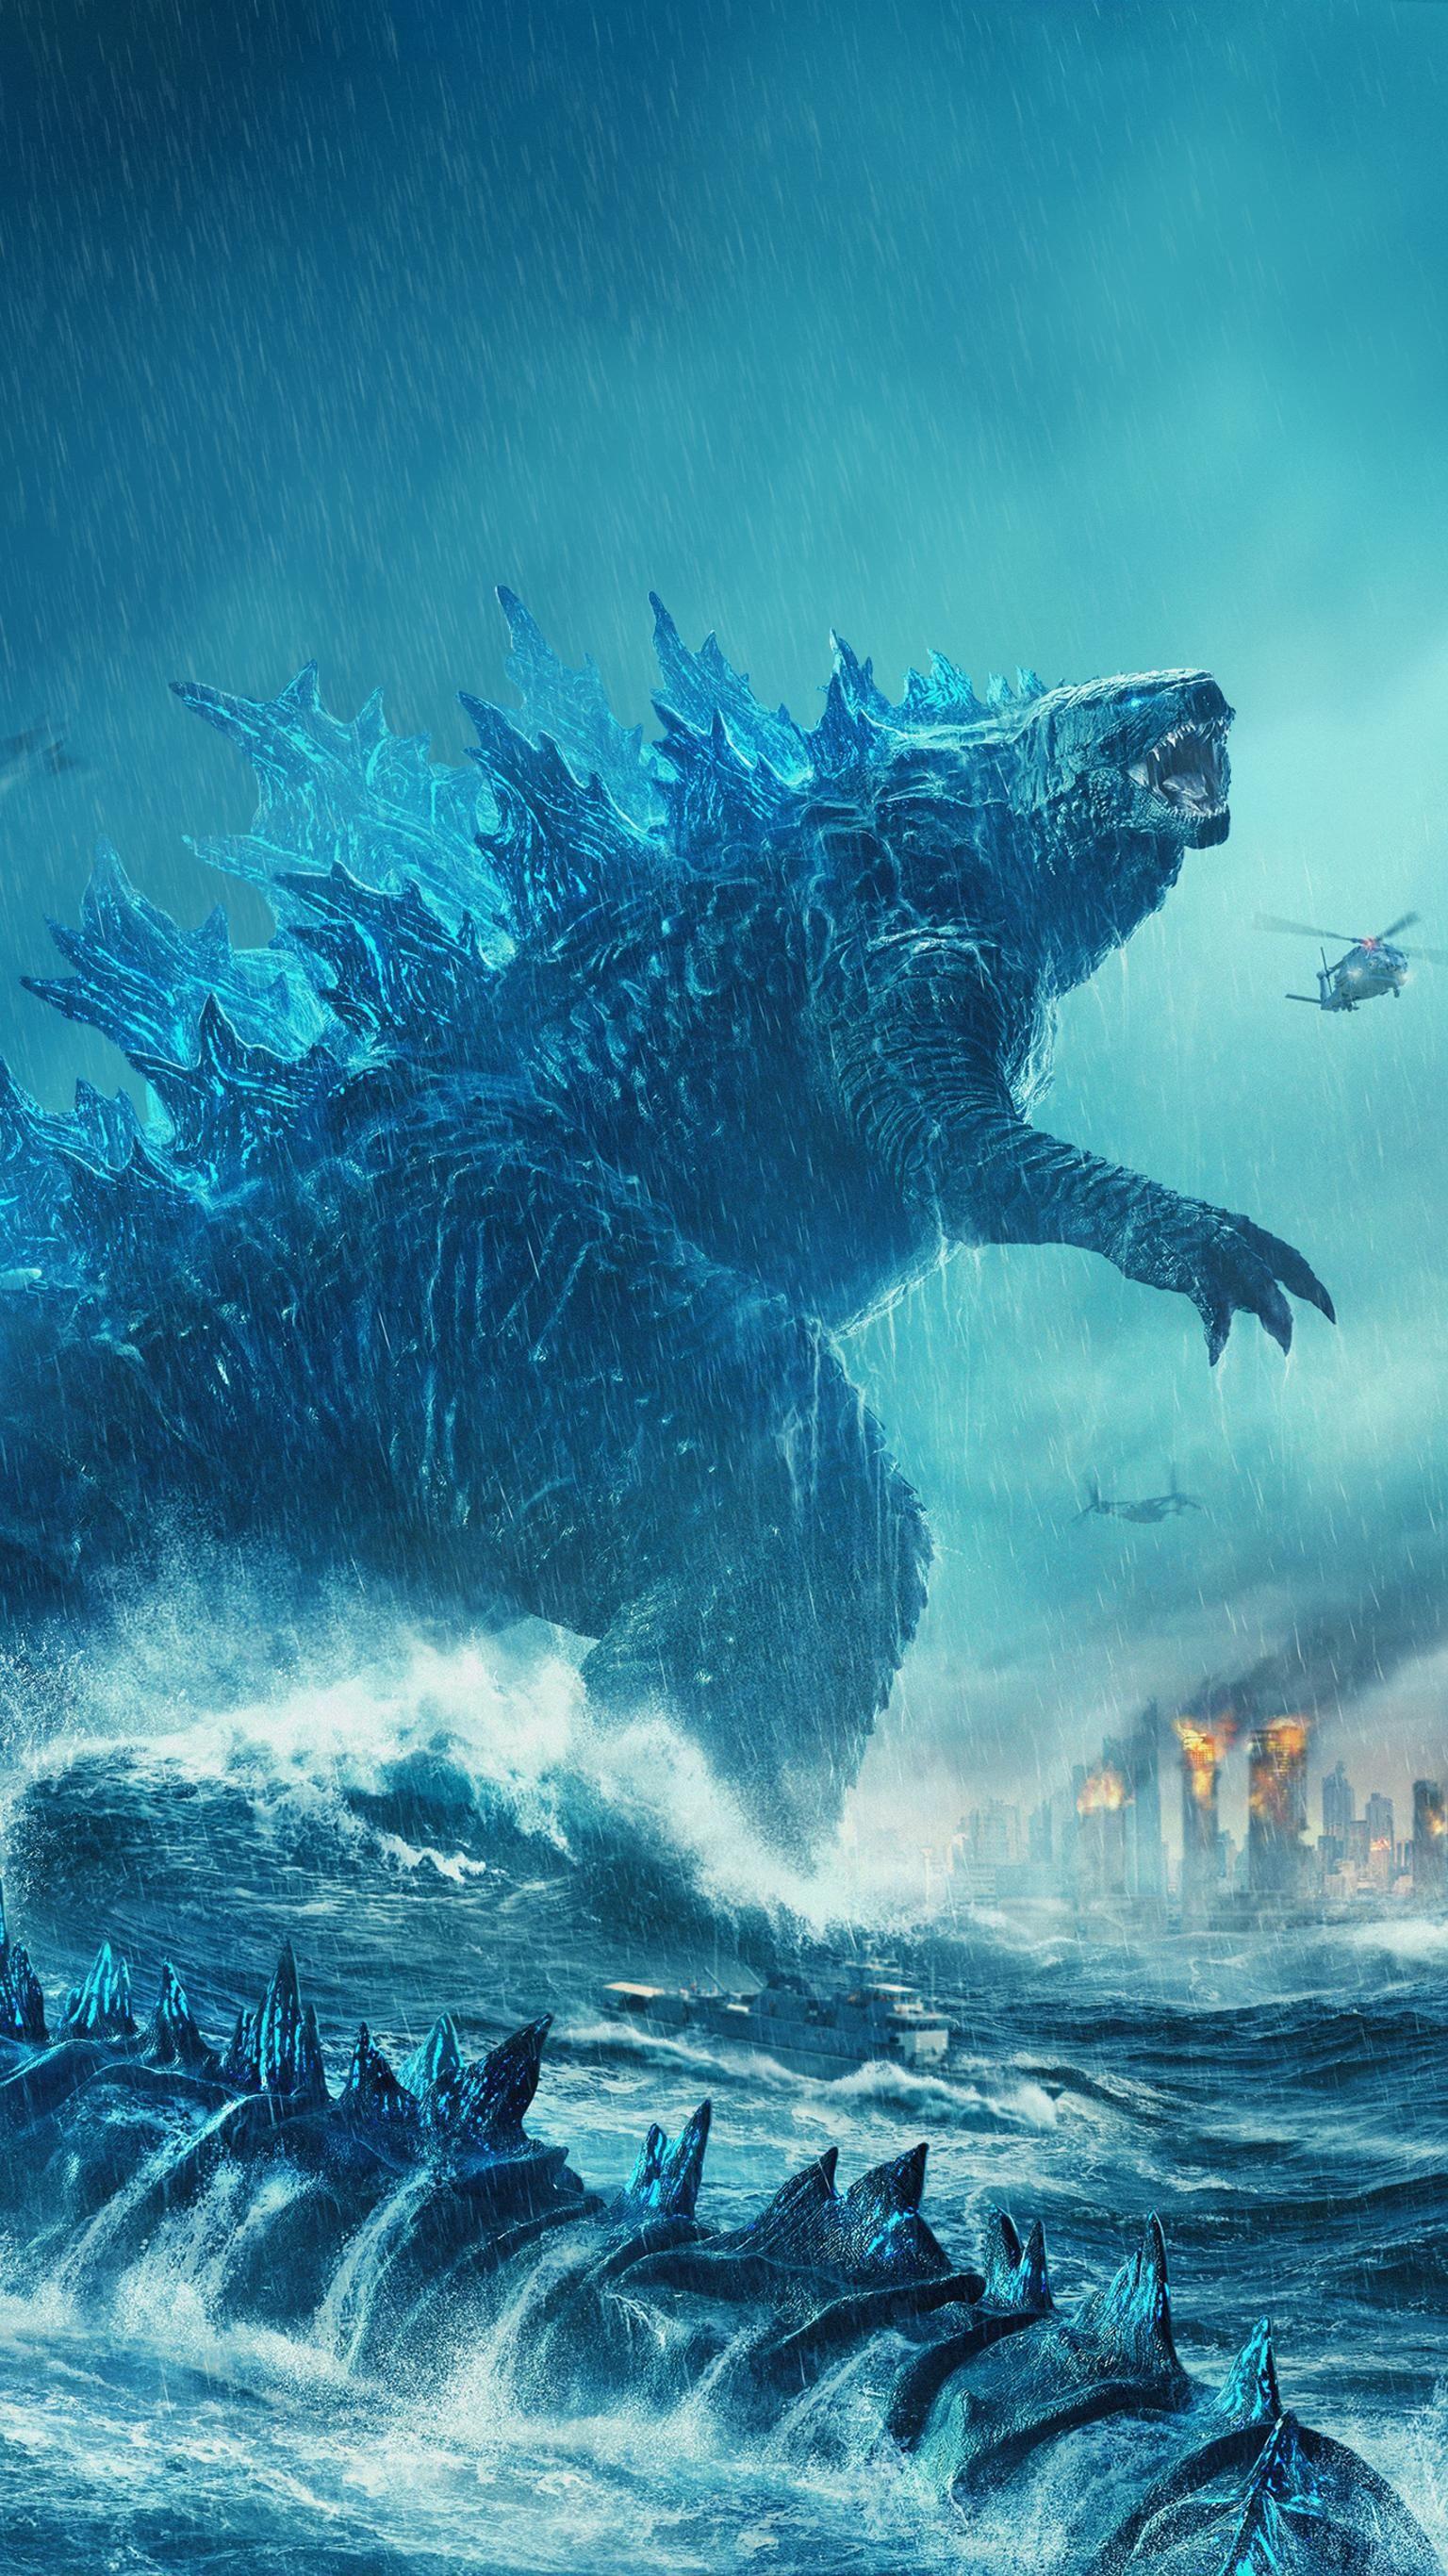 Godzilla King Of The Monsters 2019 Phone Wallpaper Godzilla